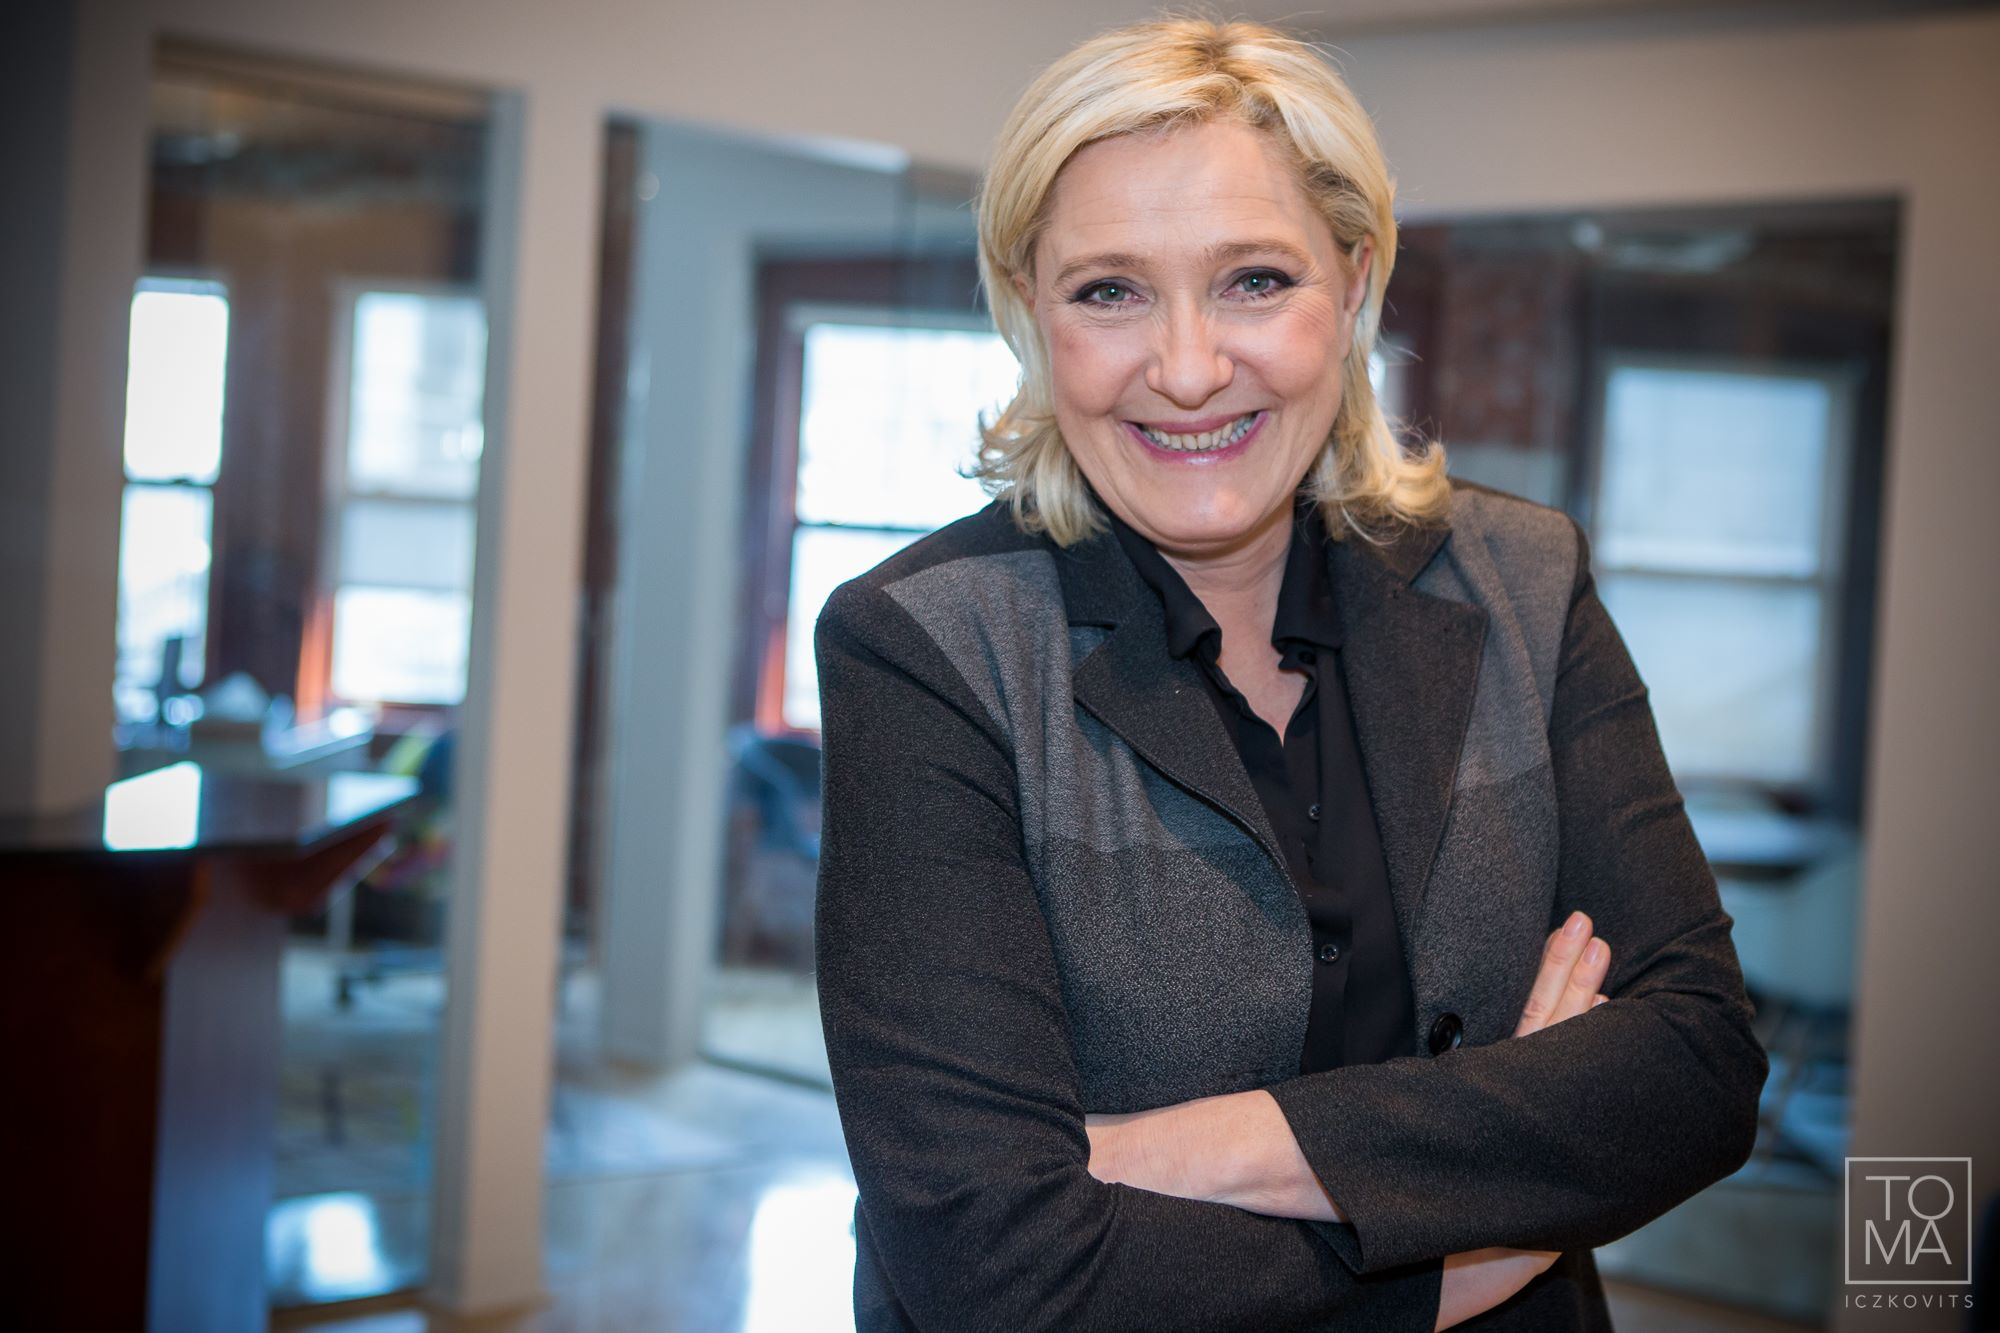 Marine Le Pen à Montréal : Francophonie et Français de l'étranger en ligne de mire